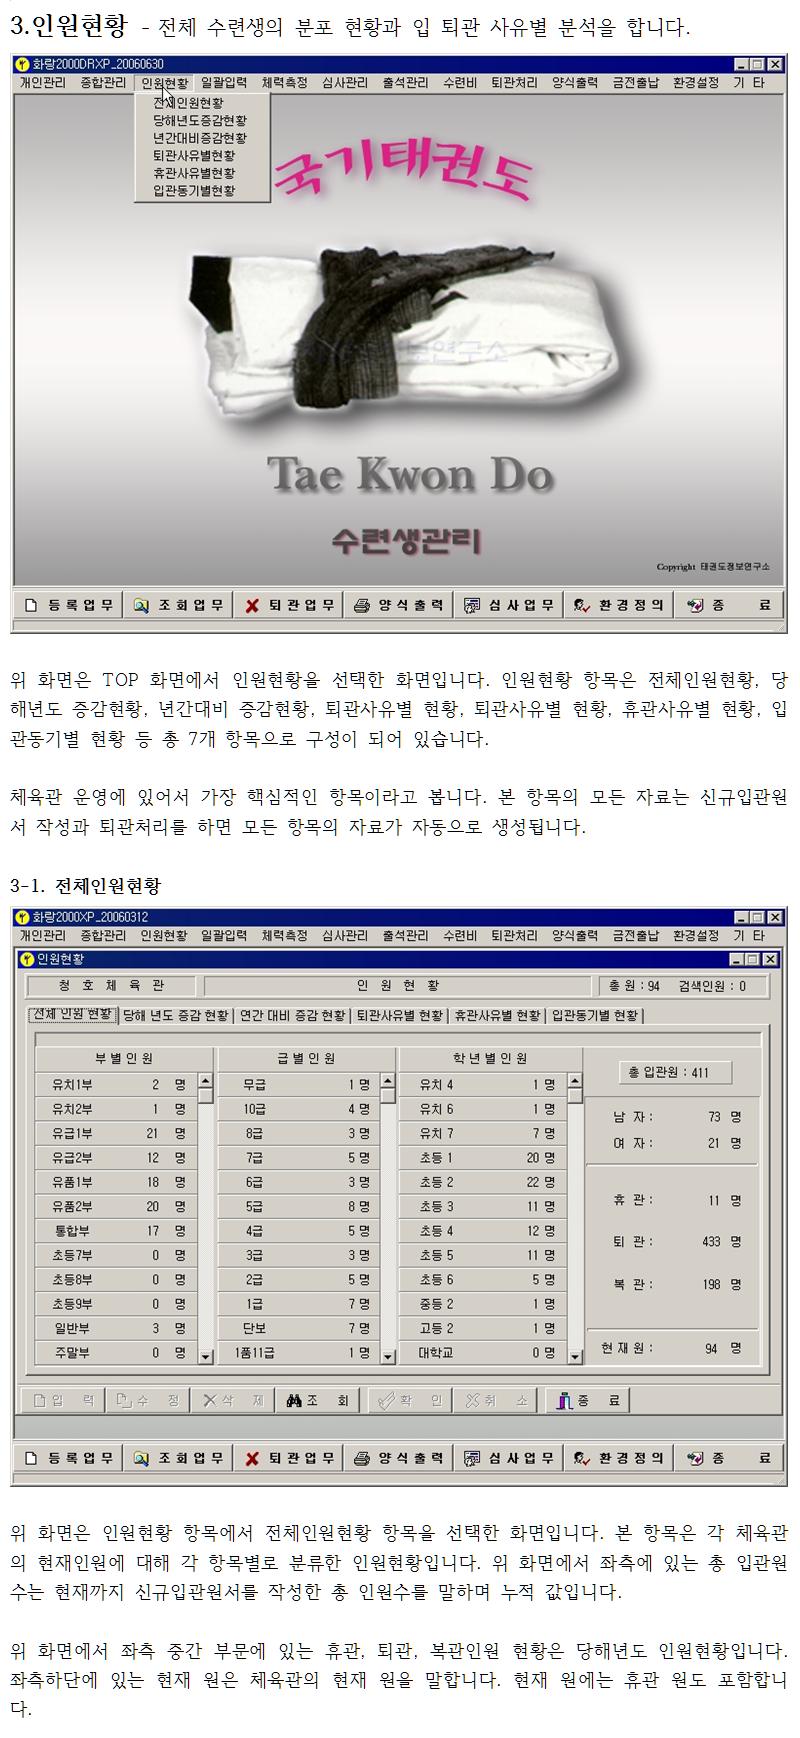 _종합_3-1_전체인원현황.png